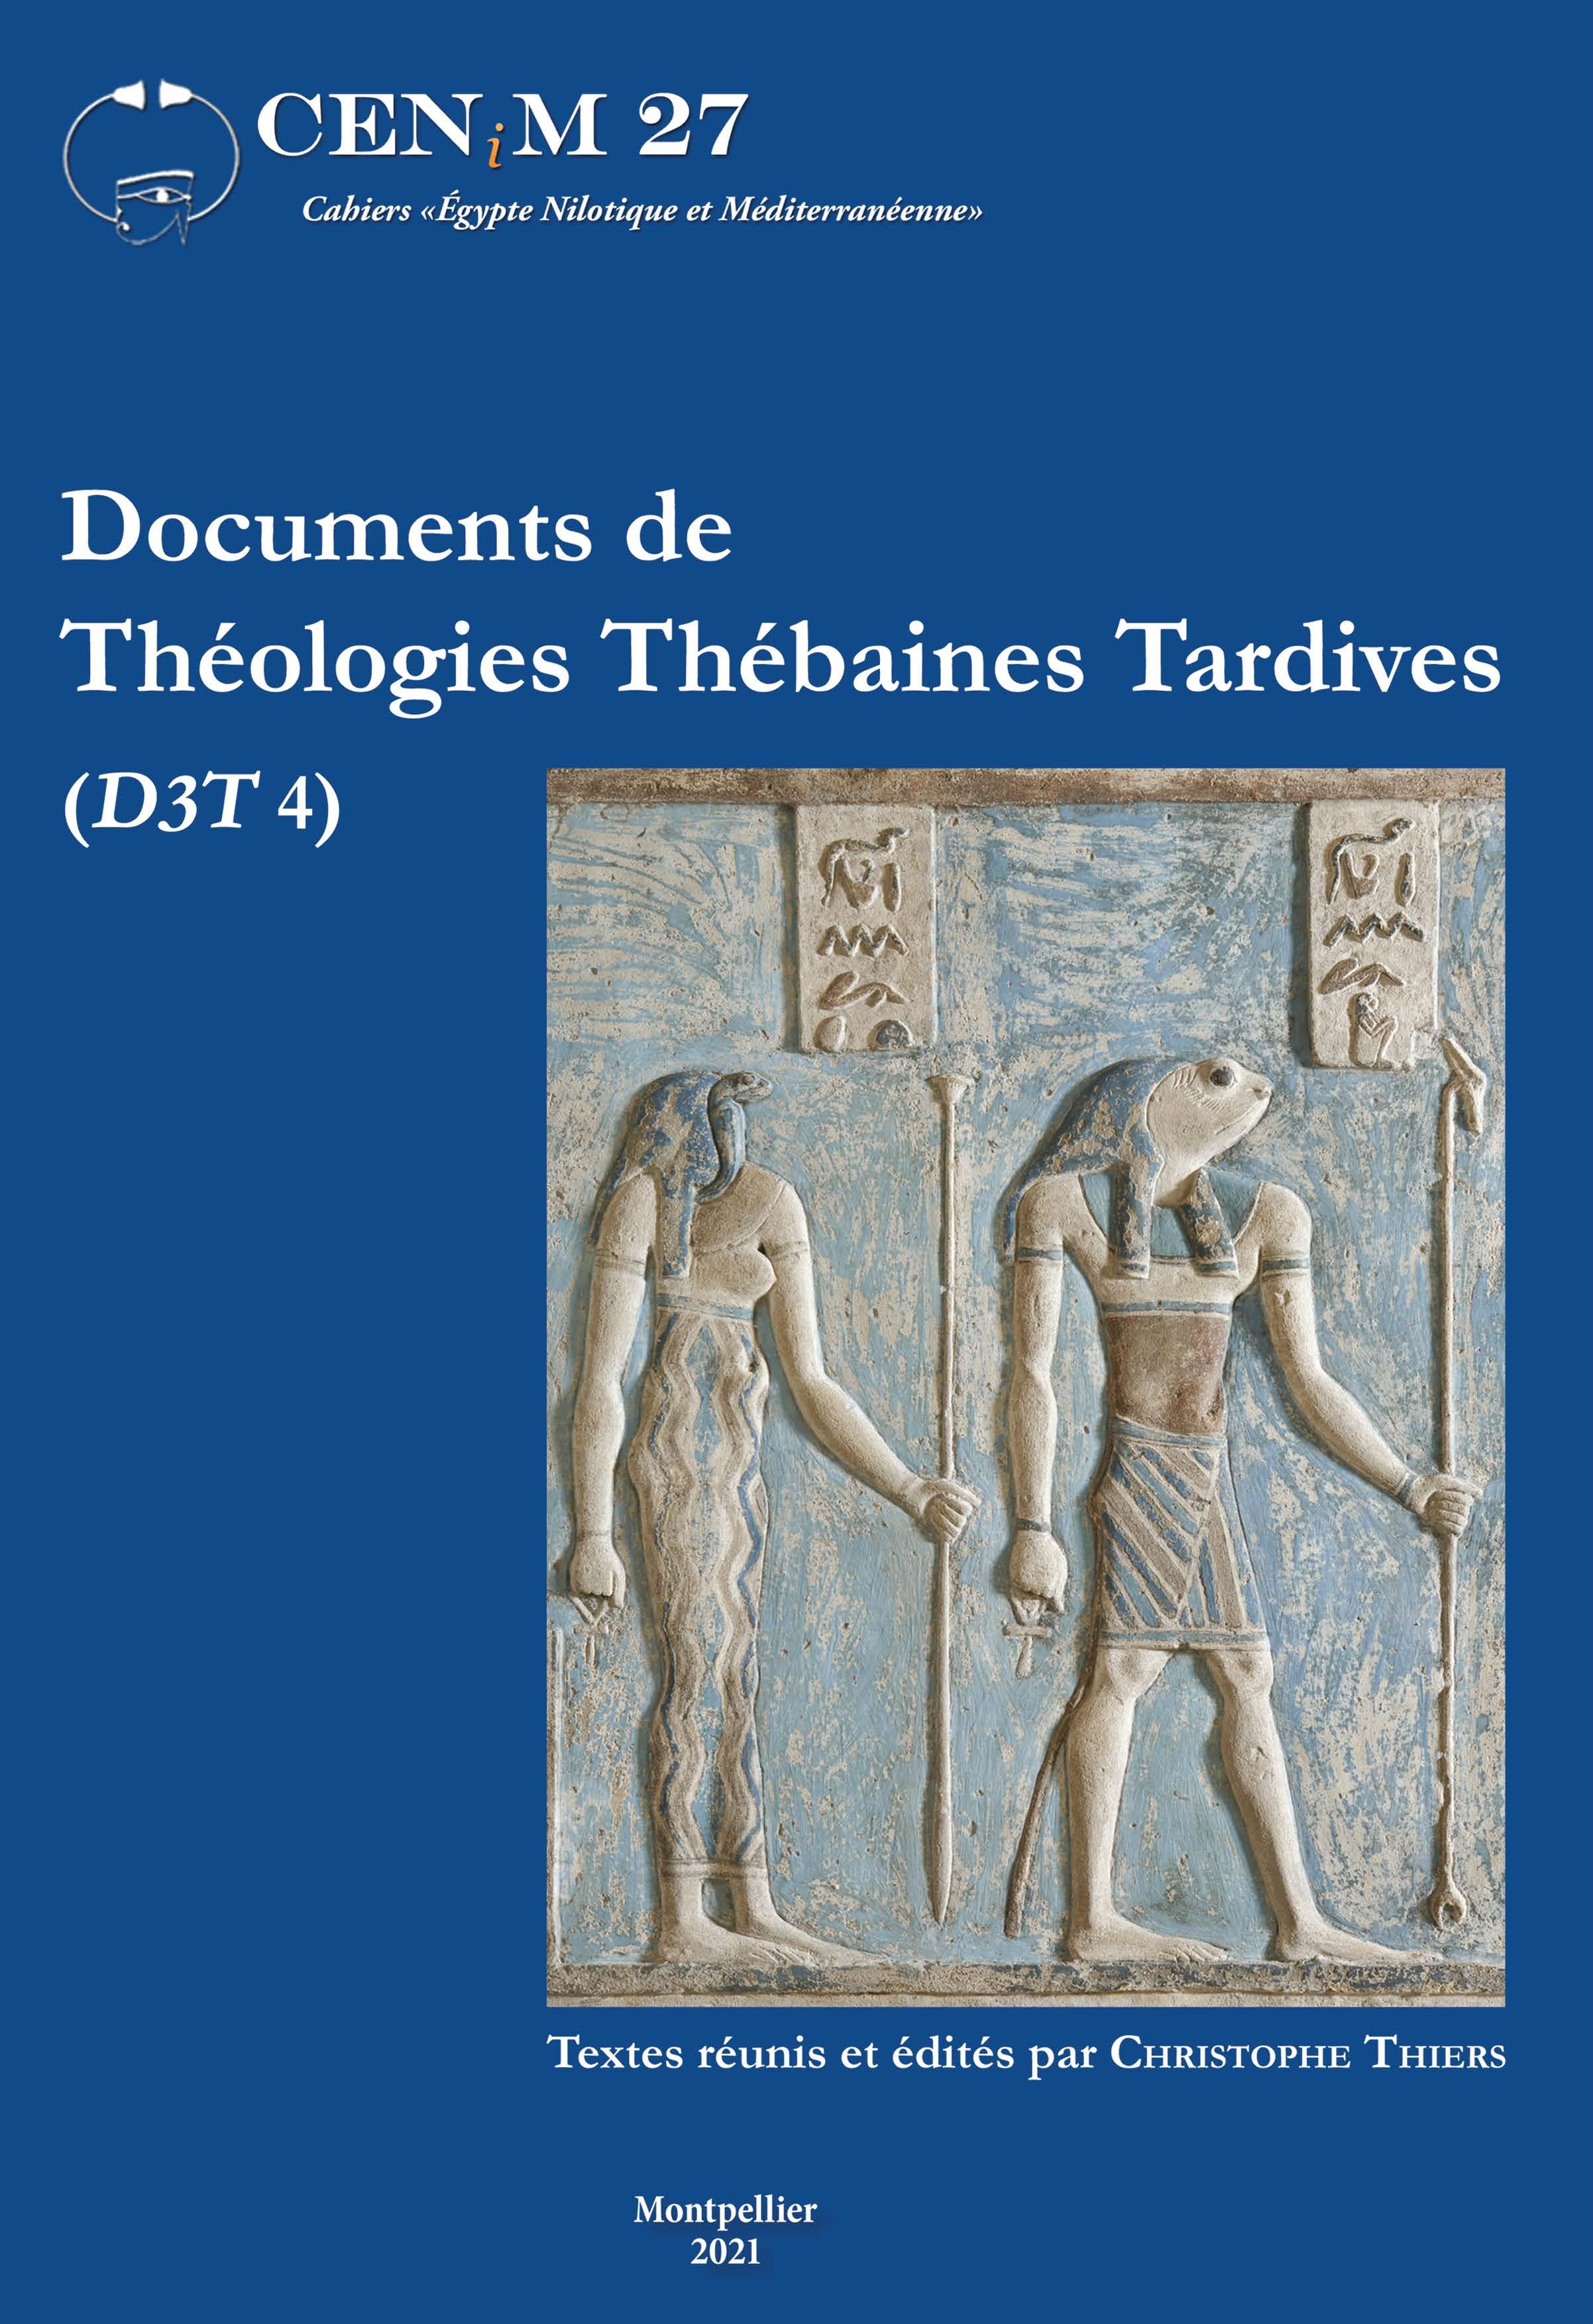 Documents de Théologies Thébaines Tardives (<i>D3T</i> 4)